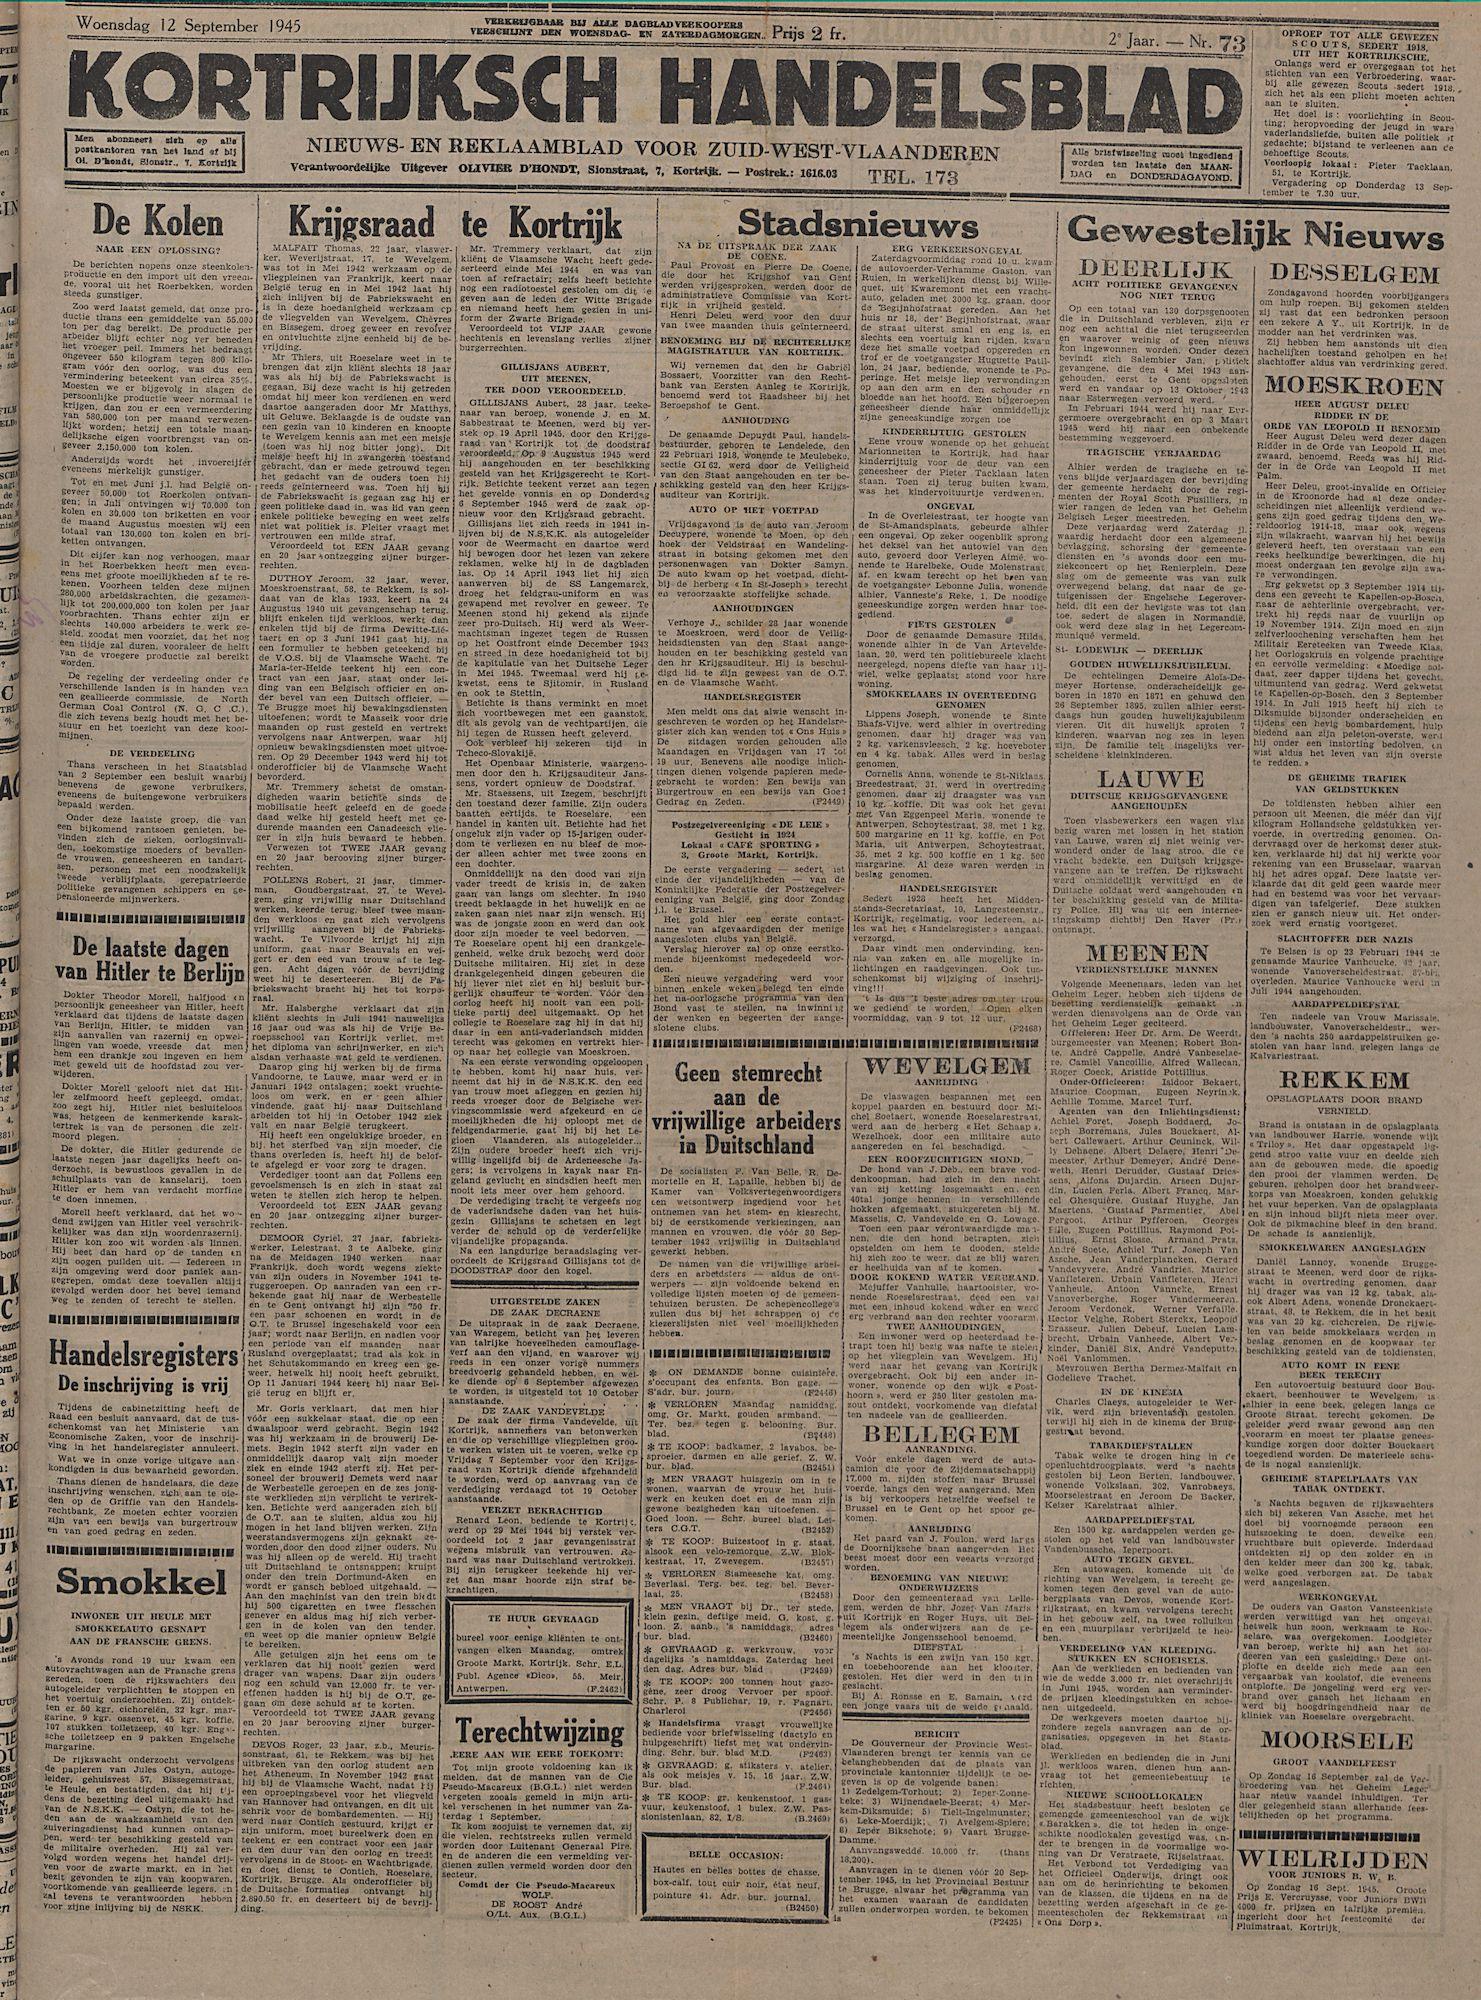 Kortrijksch Handelsblad 12 september 1945 Nr73 p1